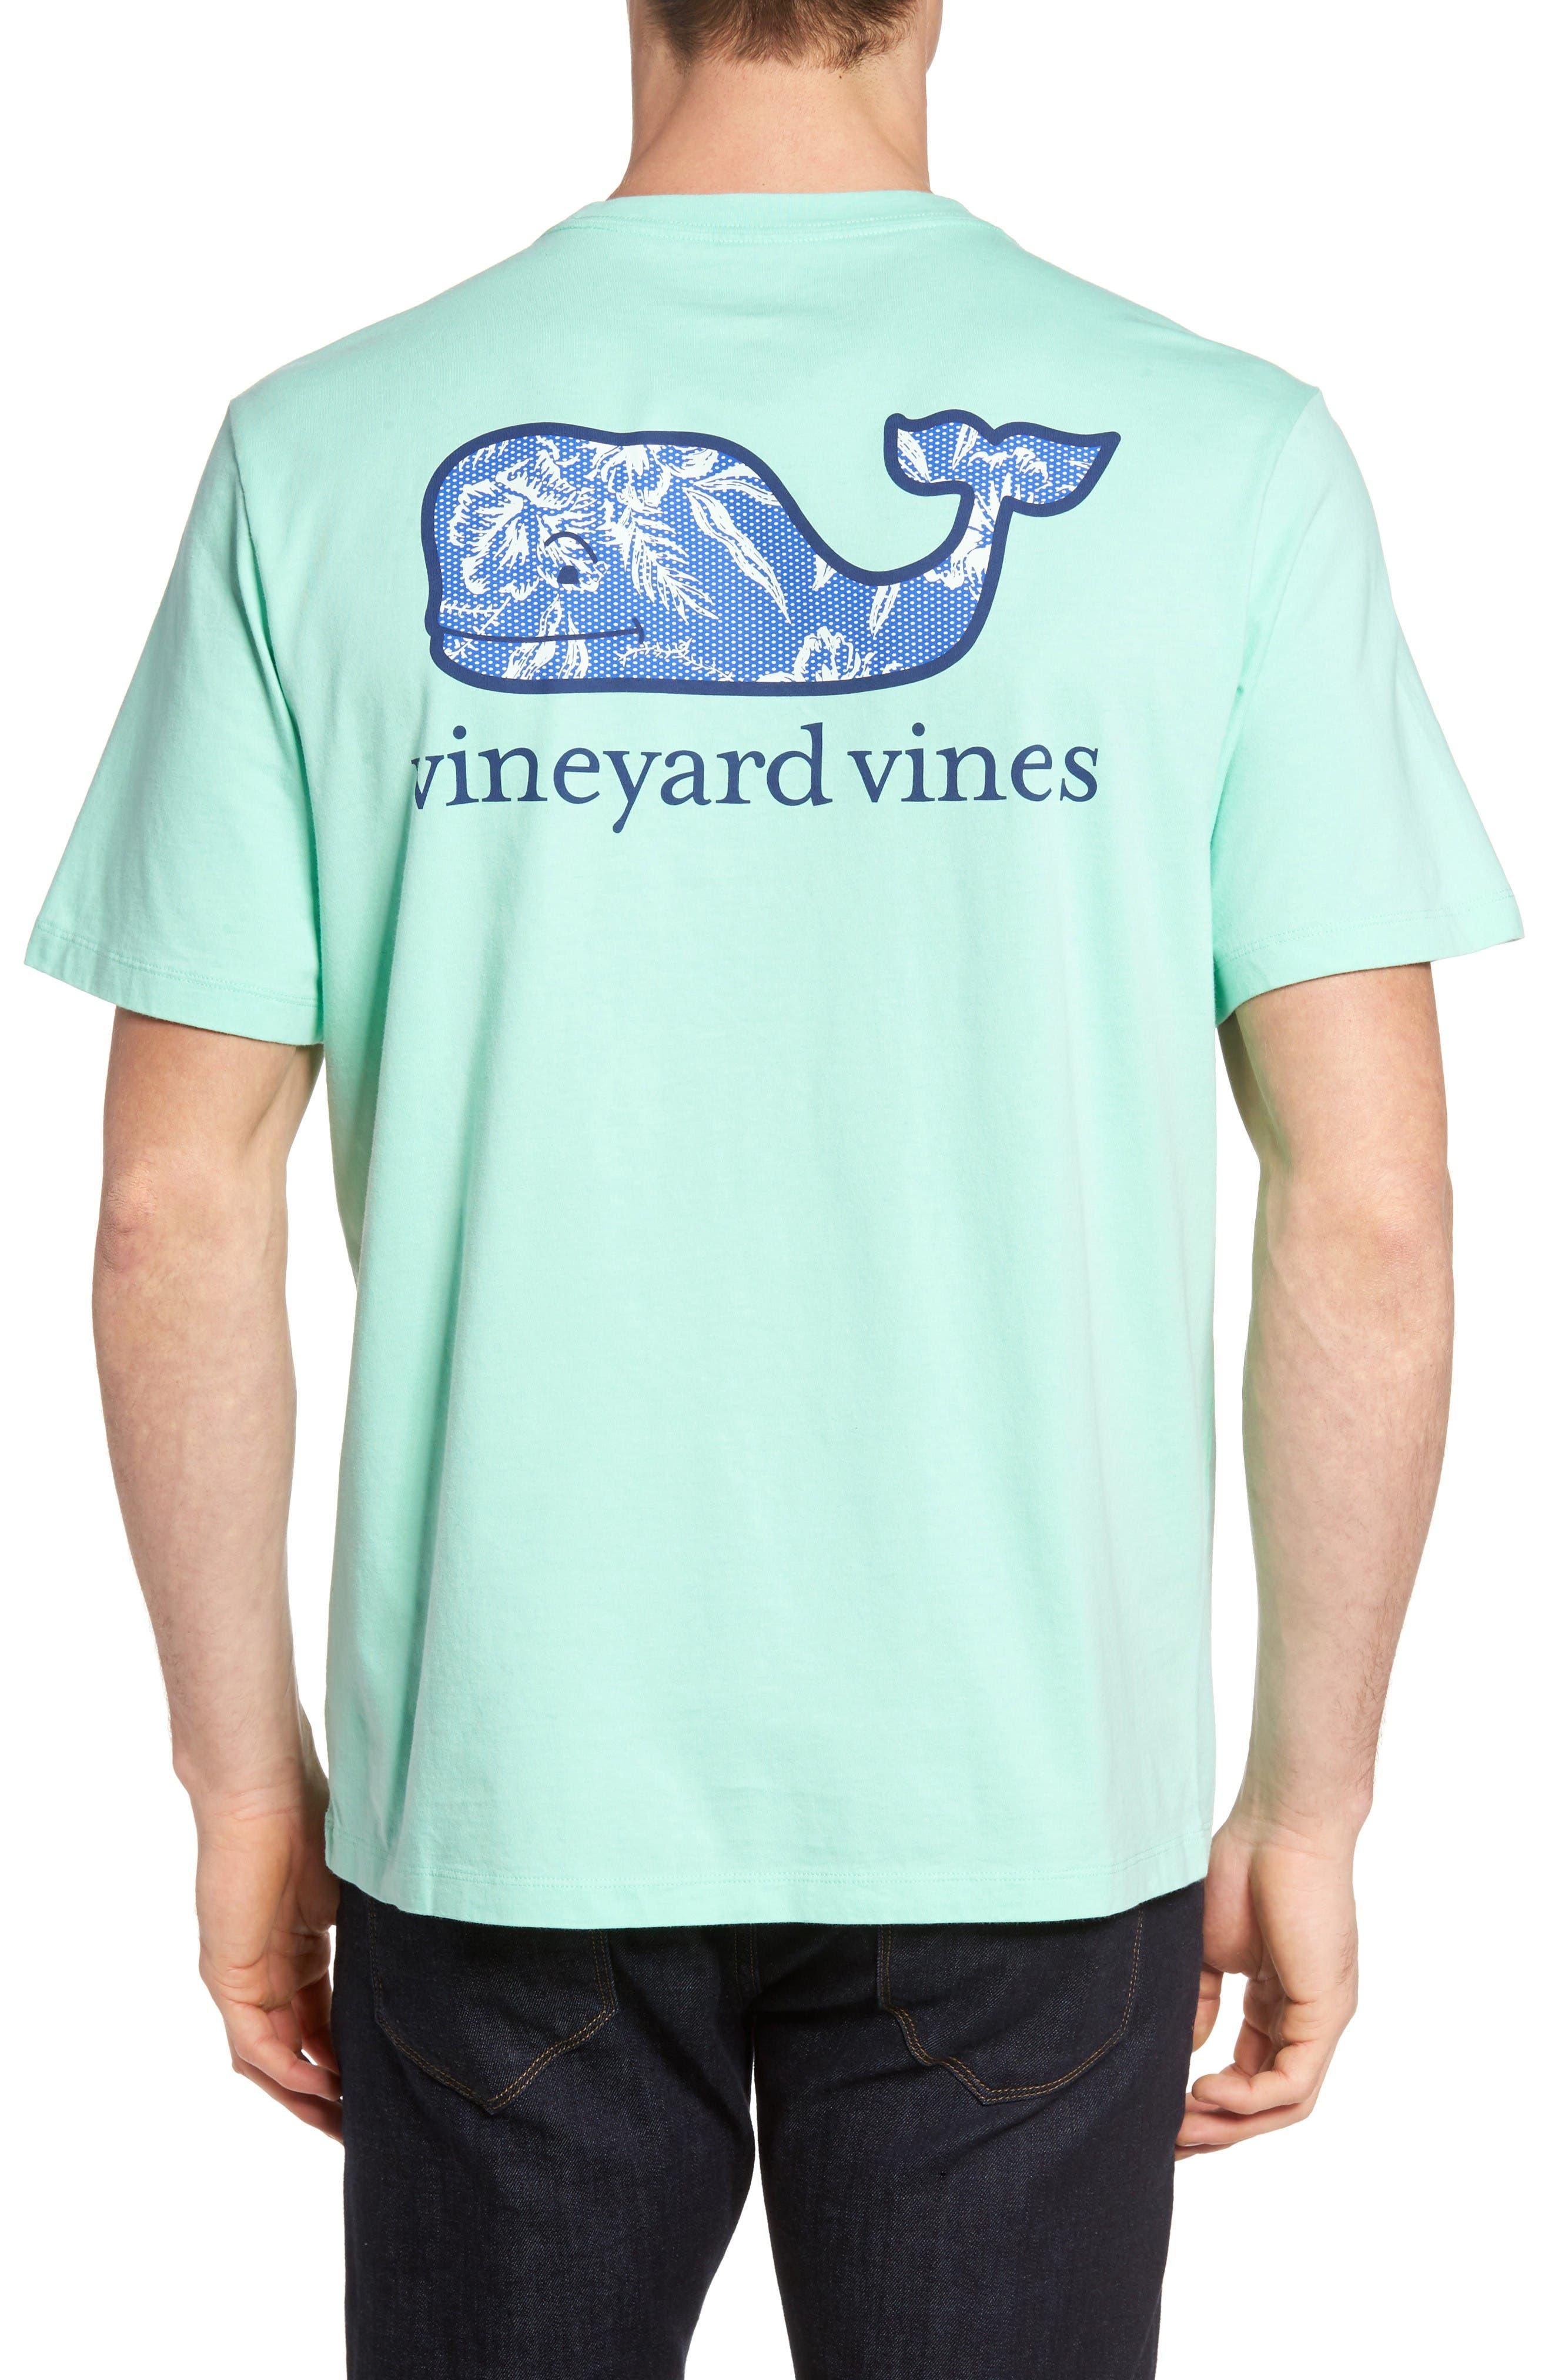 Alternate Image 1 Selected - Vineyard Vines Aquatic Hibiscus T-Shirt